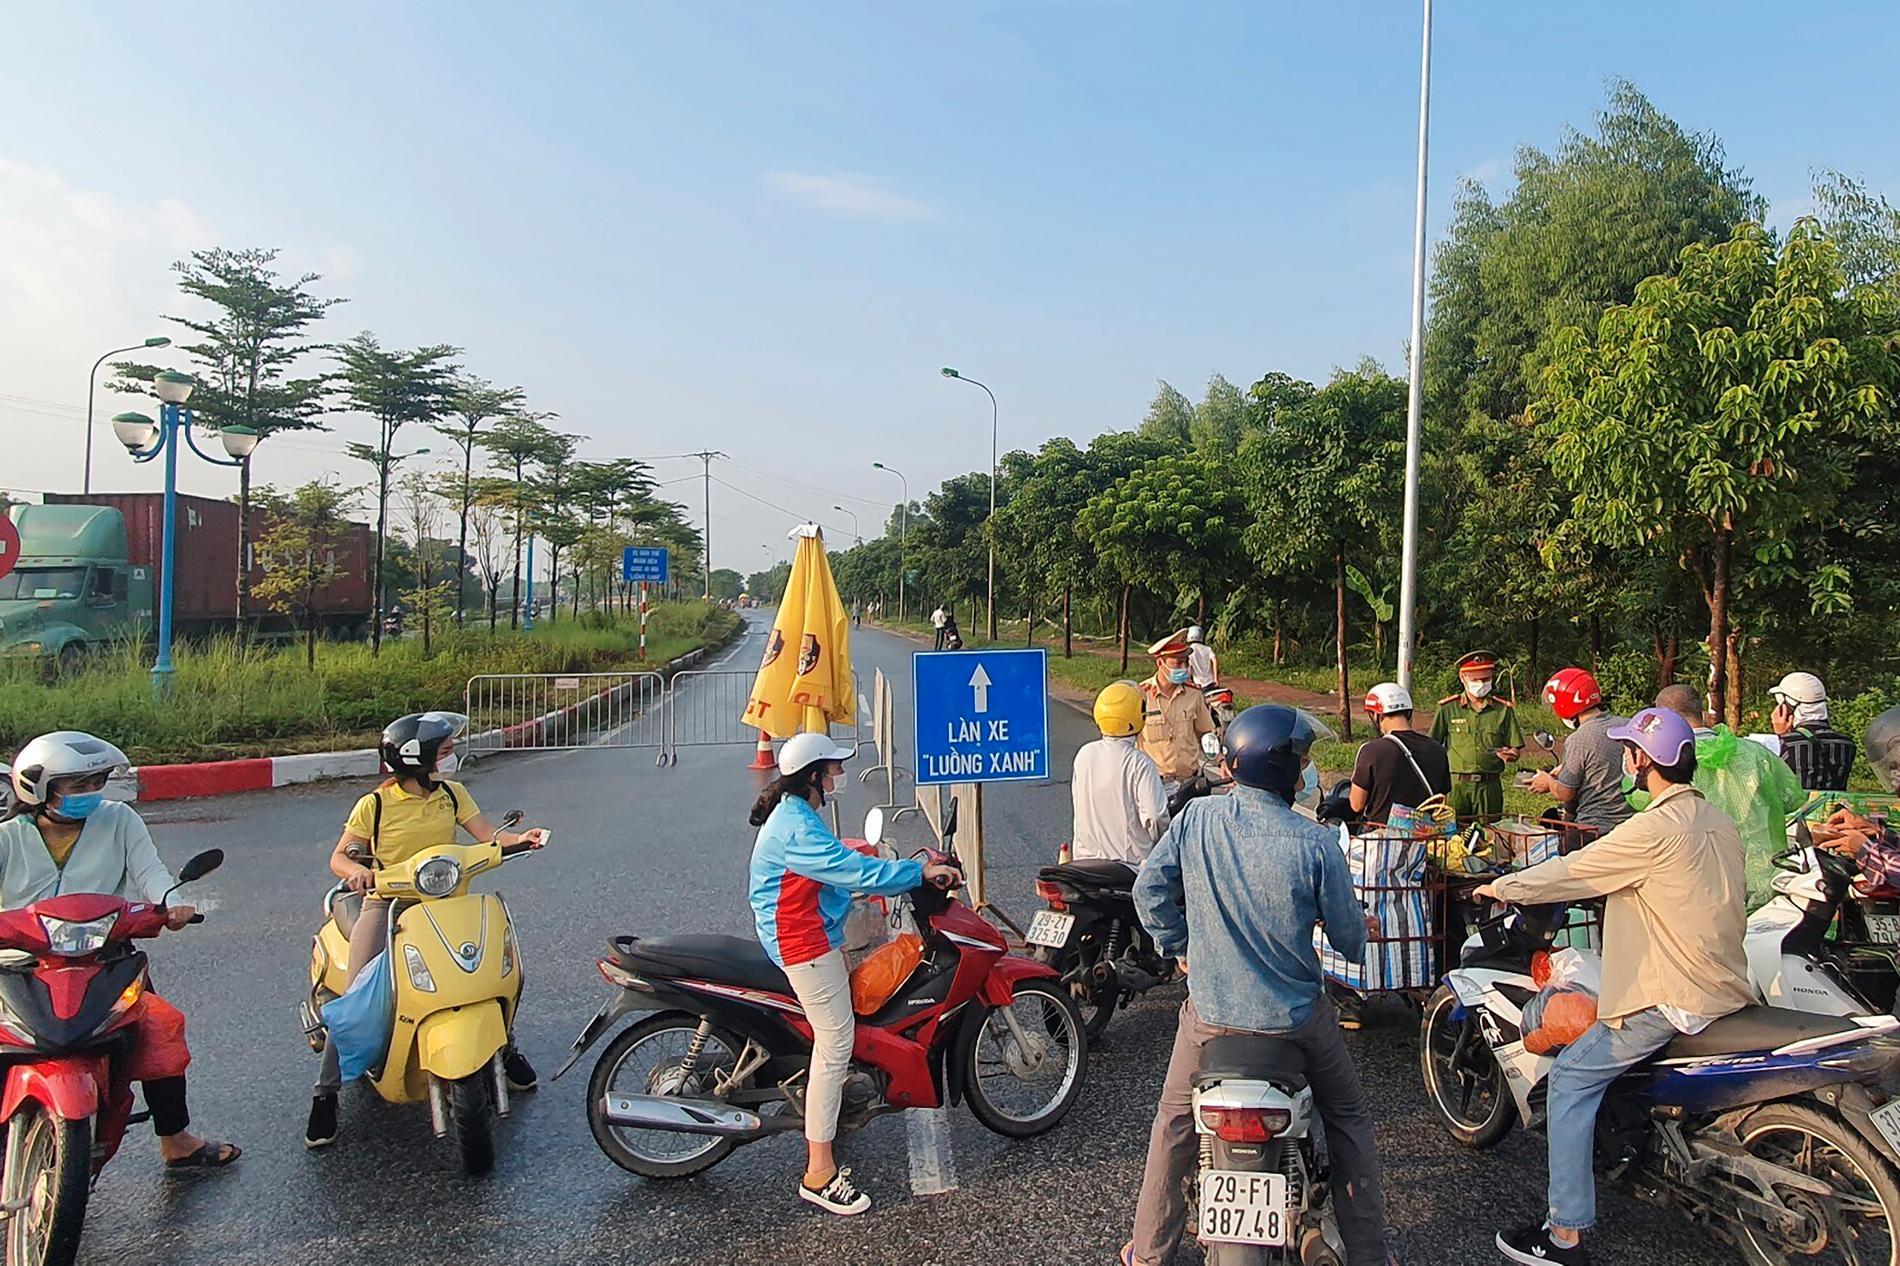 En vägspärr hindrar människor från att ta sig in i Hanoi, som stängde ner på lördagen för att stoppa virusspridningen.